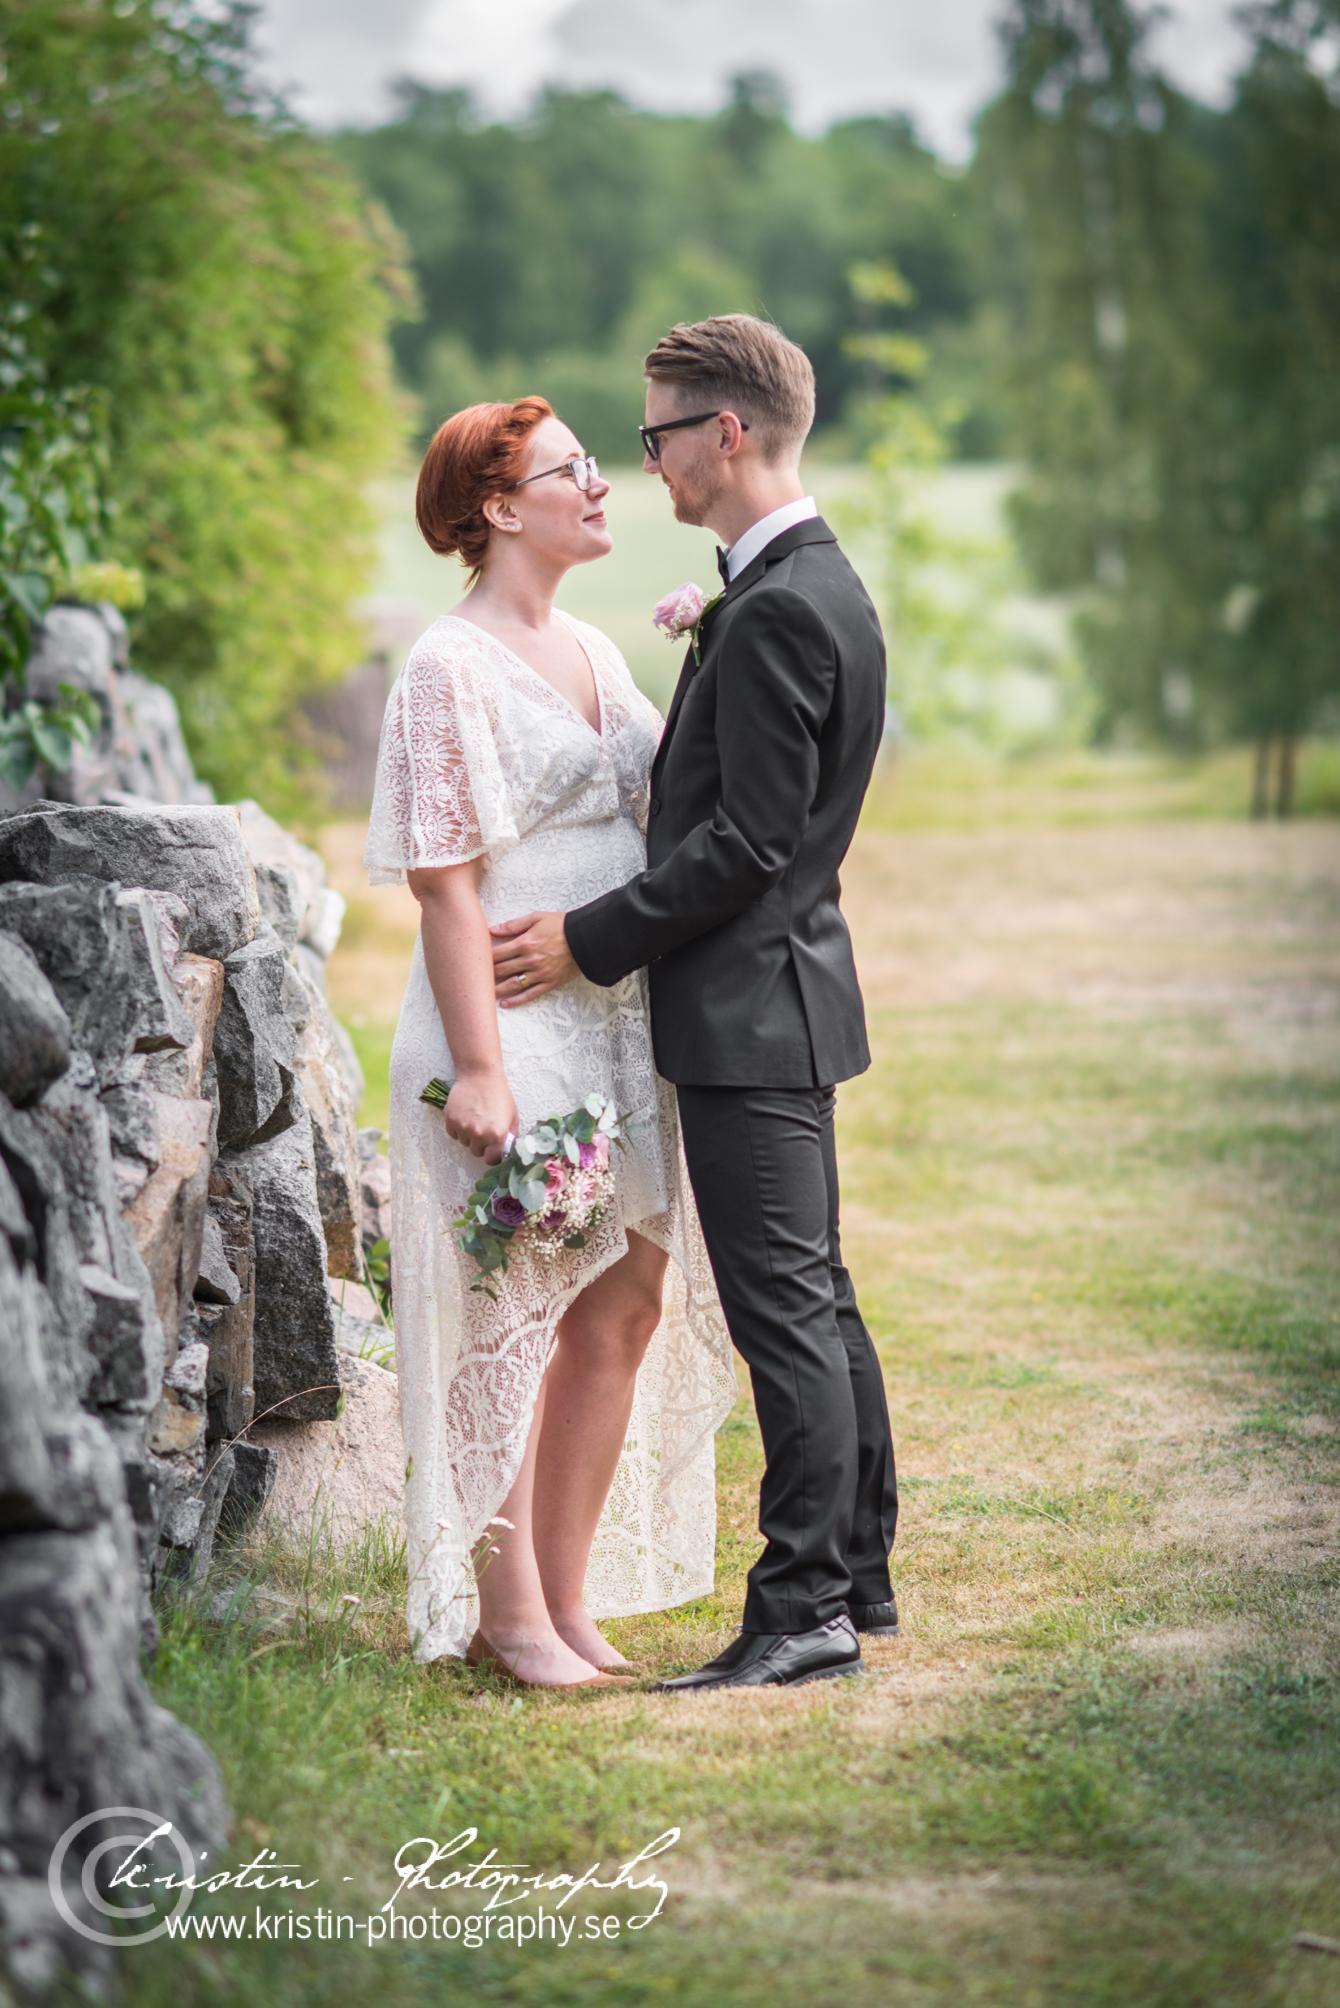 Bröllopsfotograf i Eskilstuna, Kristin - Photography, newborn-59.jpg